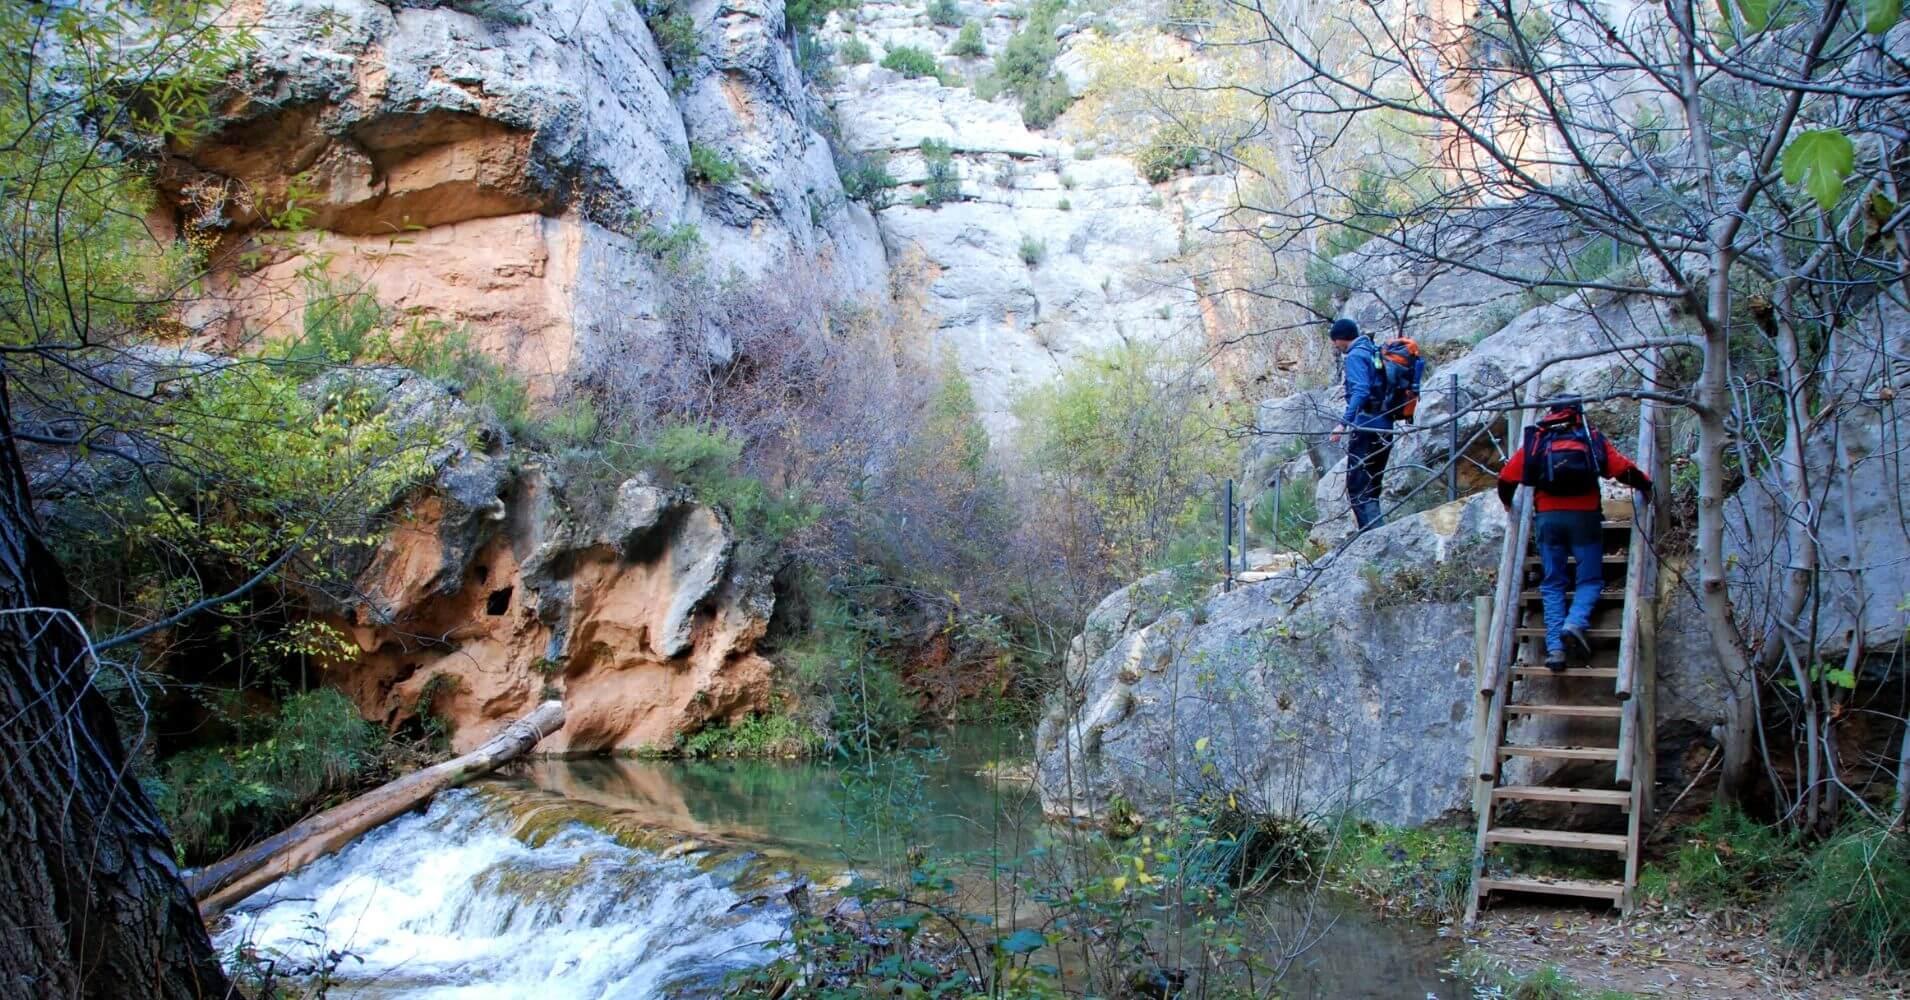 Estrechos del Río Ebrón. El Cuervo. Teruel, Aragón.